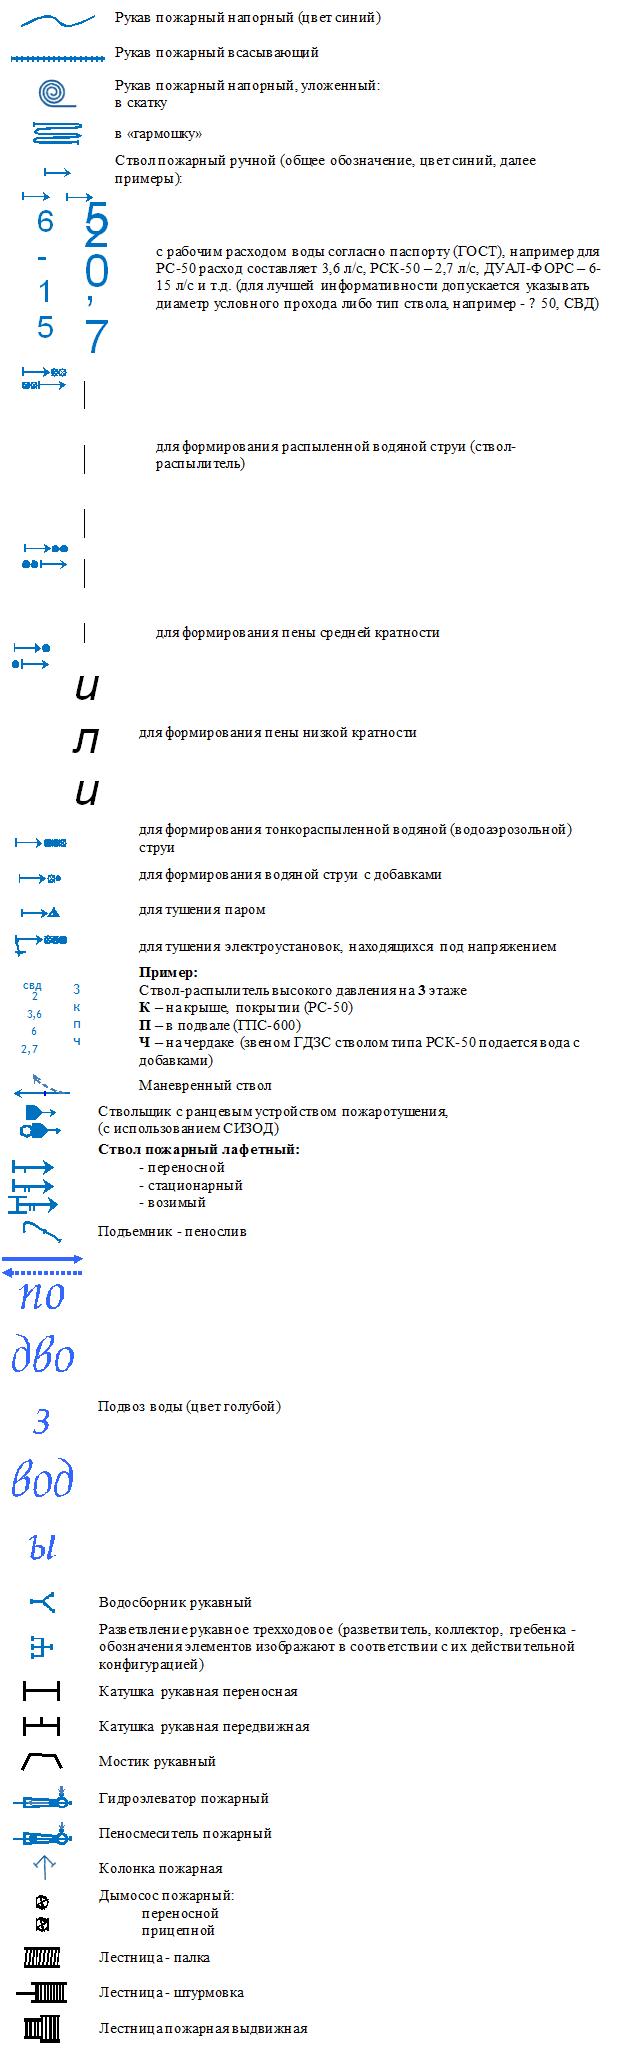 Условные обозначения схемы образовательного учреждения